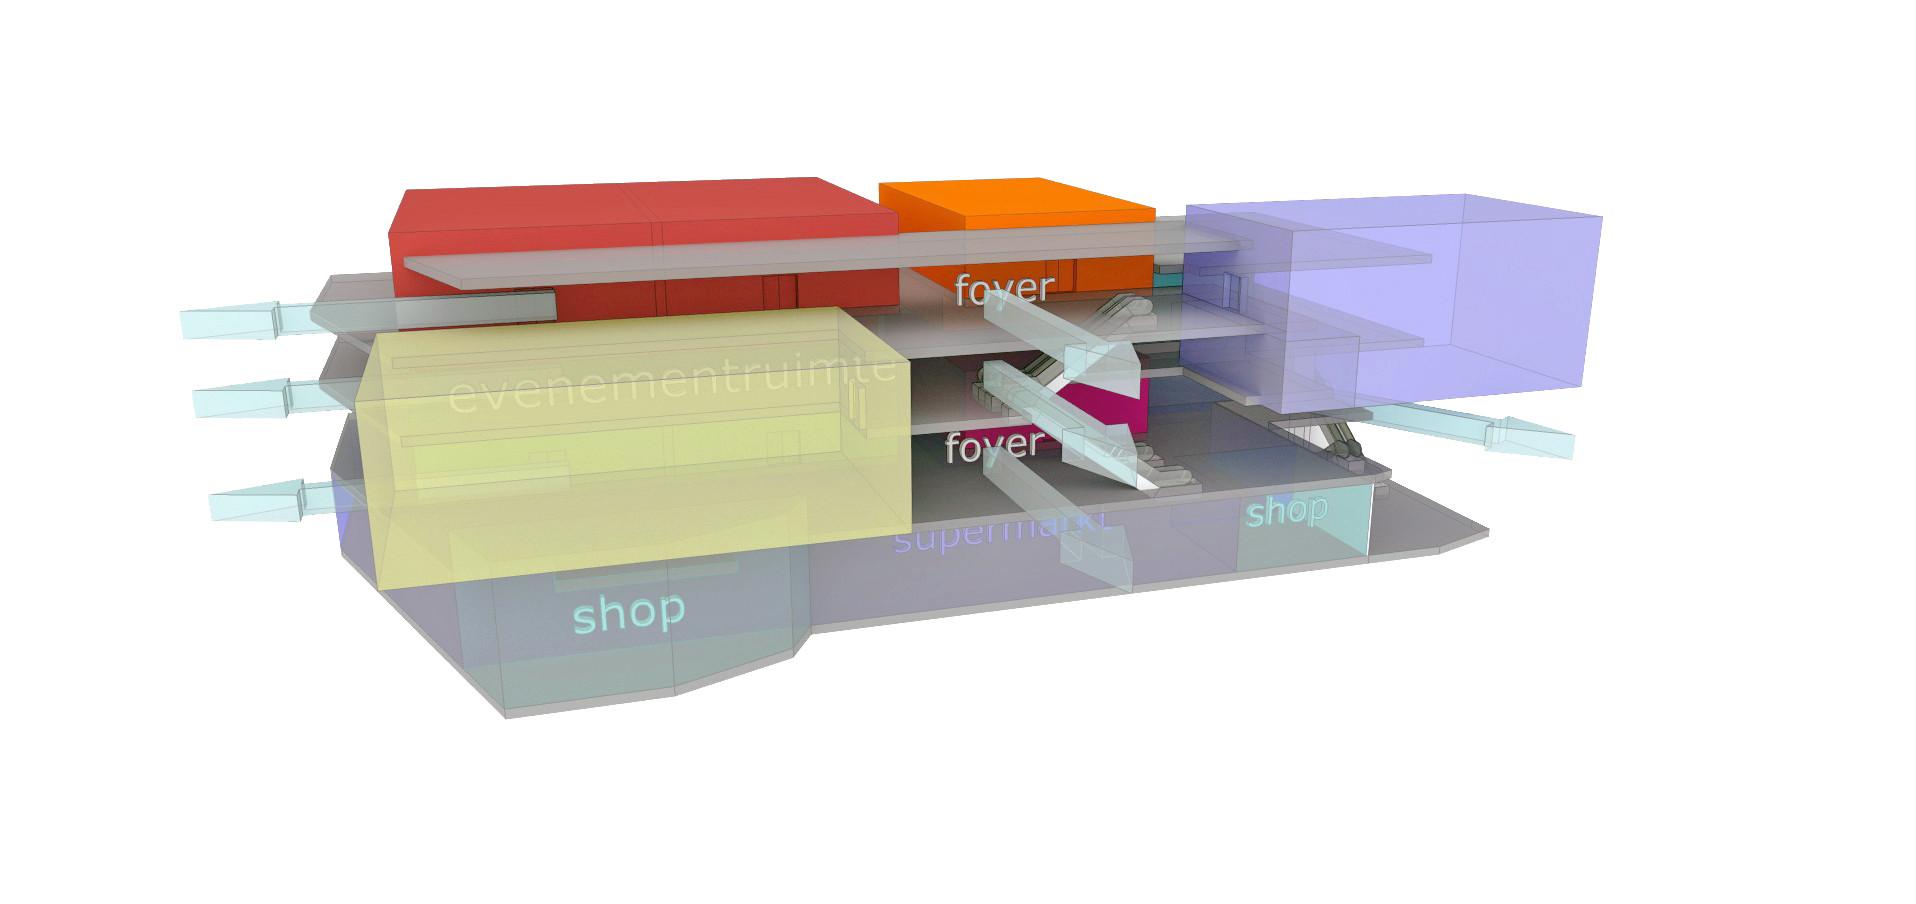 pathe zwolle vogelvlucht concept 04.jpg